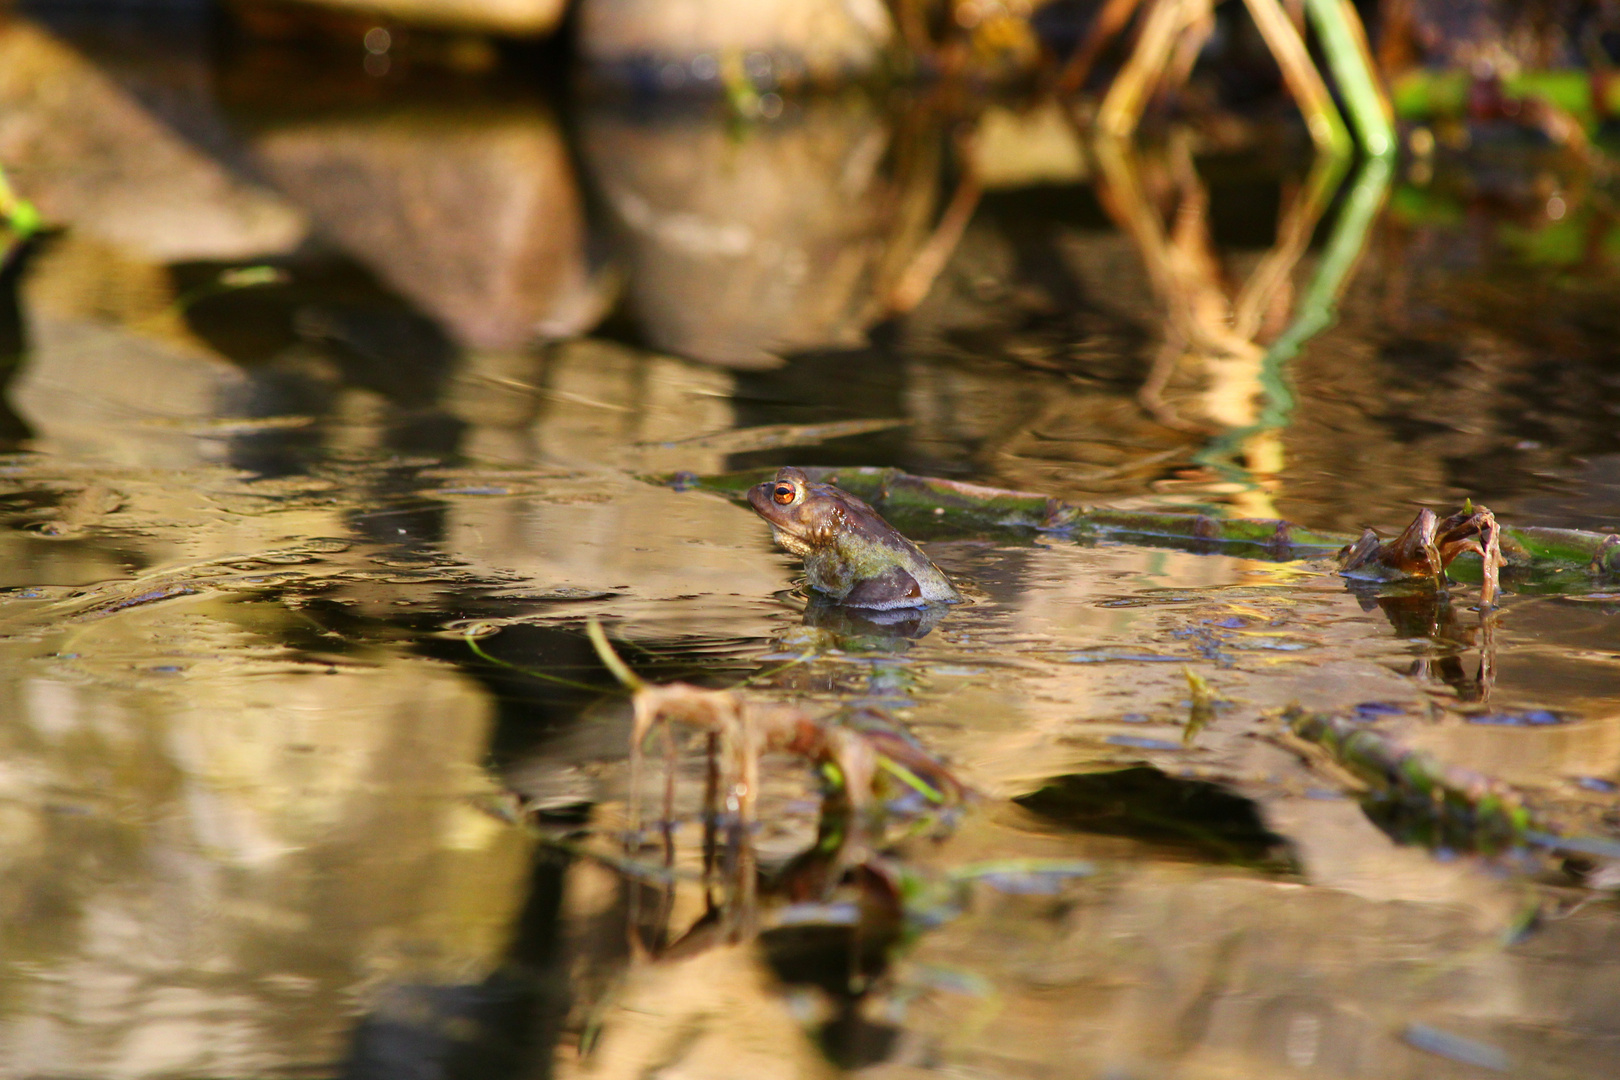 Der Frosch im Teich